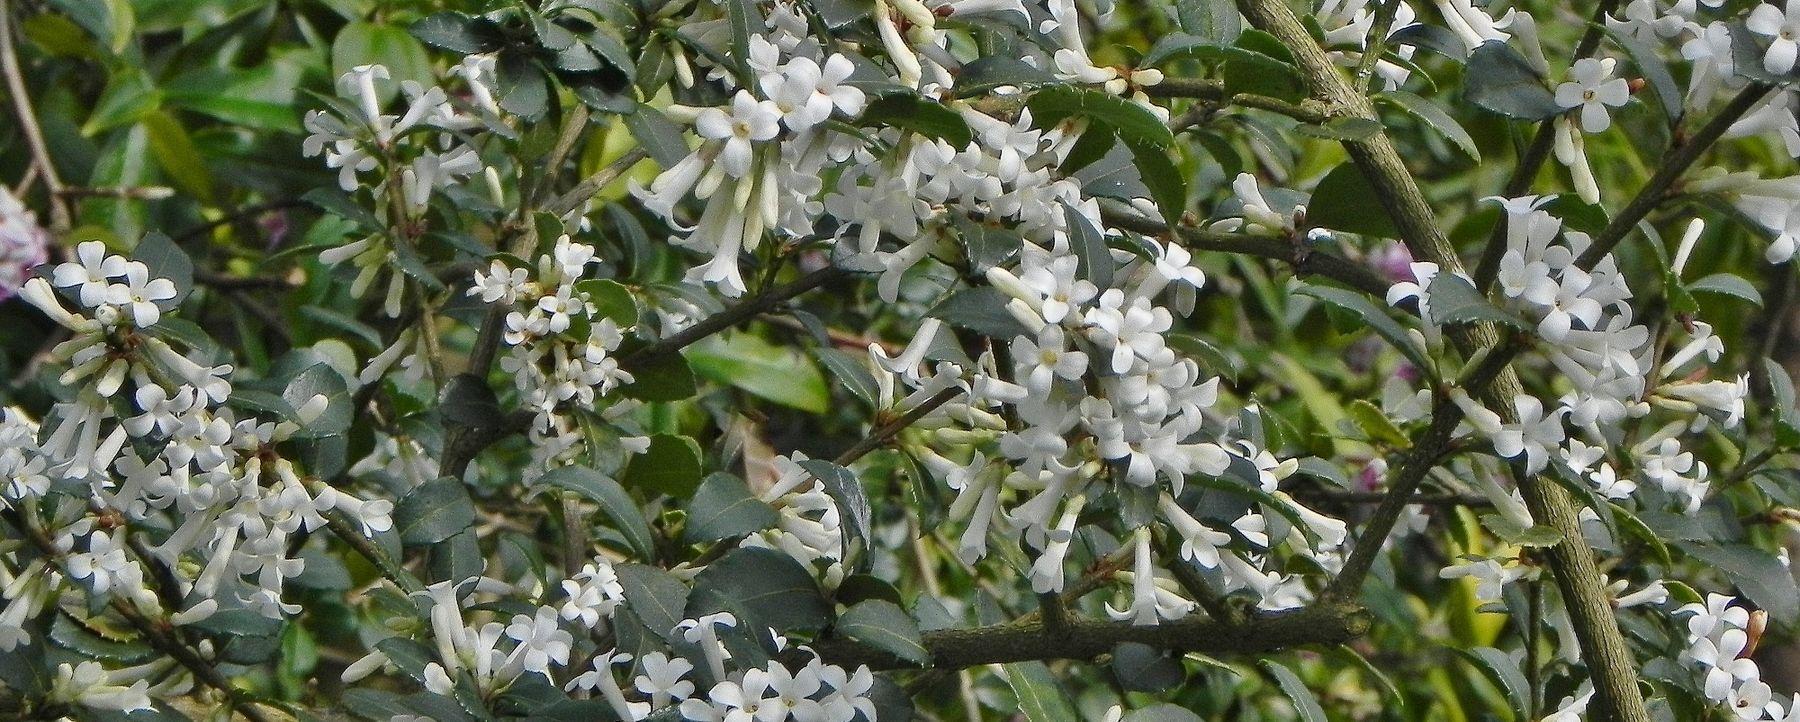 Early Spring Flowering Shrubs Gardening